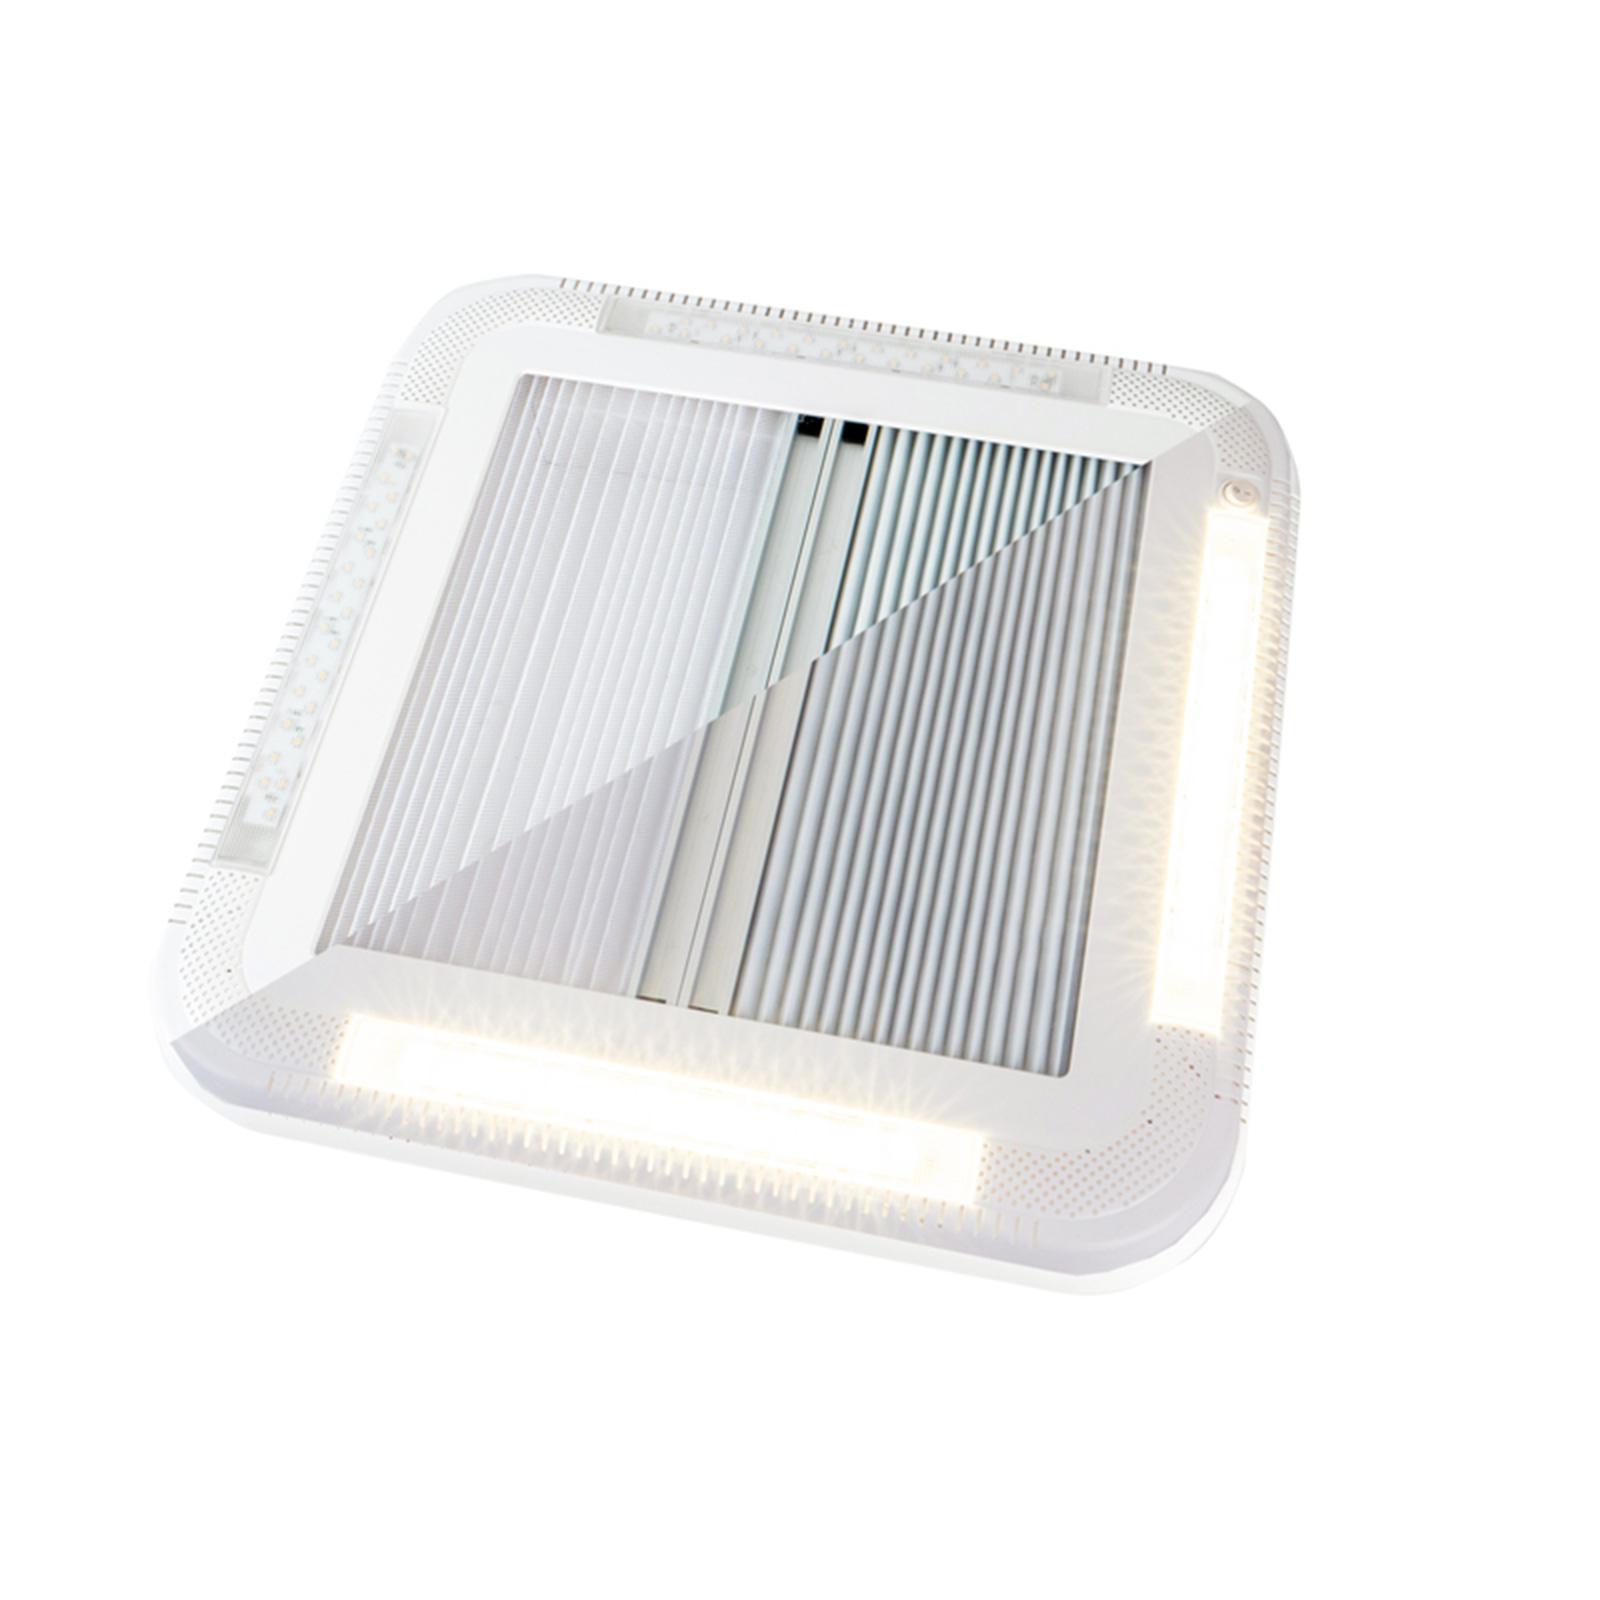 Carbest Dachhaube 452x402 mm mit Zwangsbelüftung und LEDs Caravan Wohnmobil